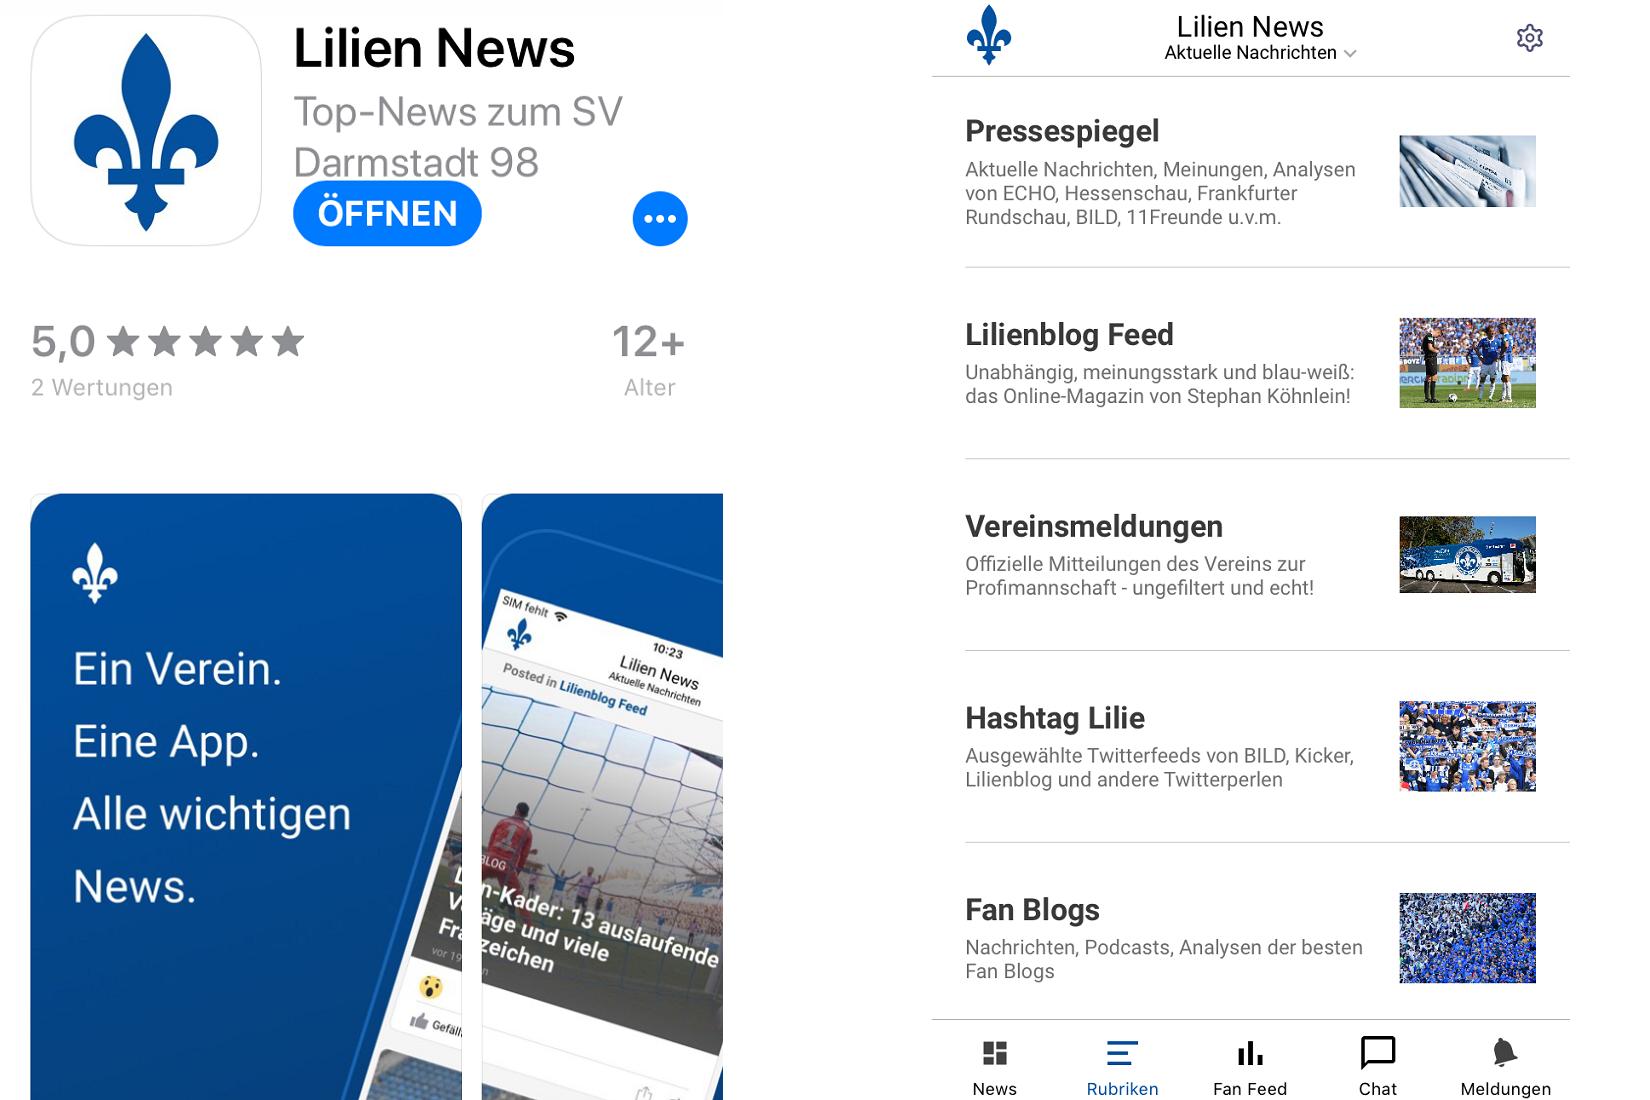 Die Lilien News App: Alle wichtigen Nachrichten zum SV Darmstadt 98